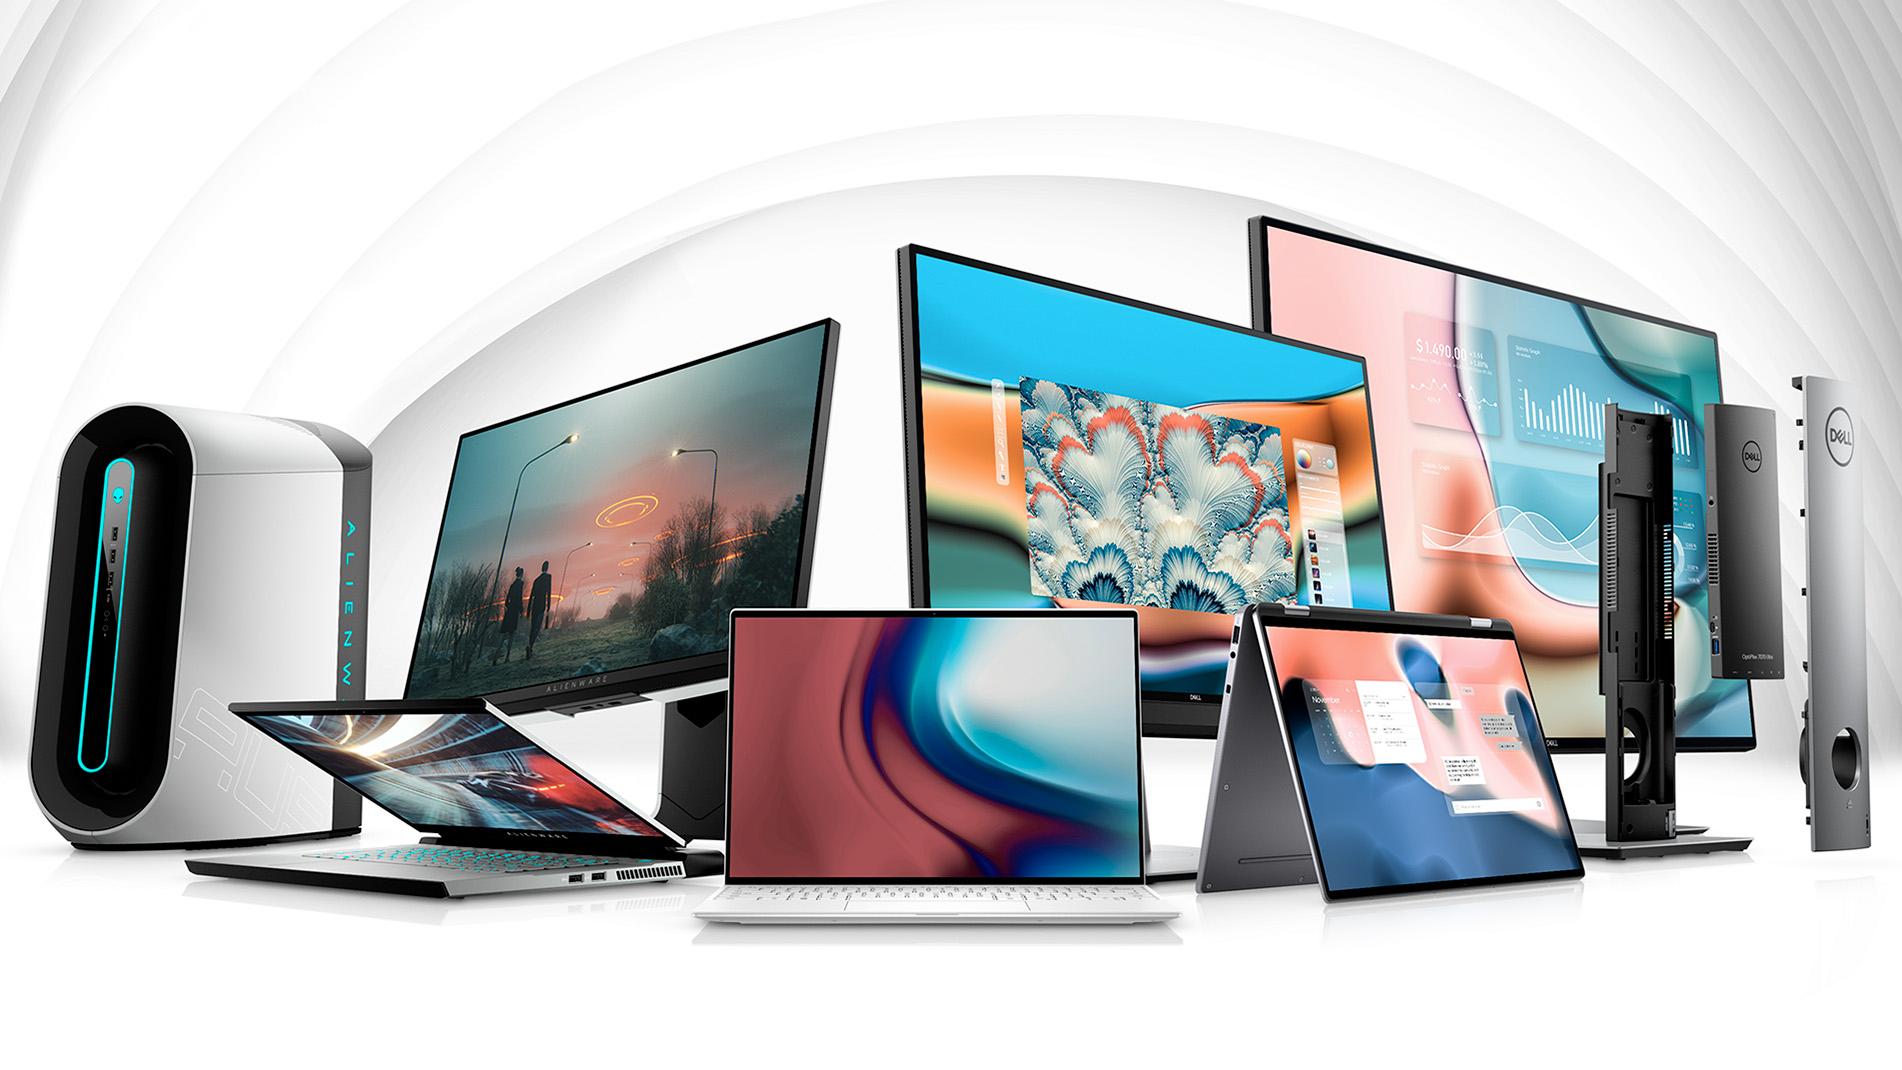 Новинки Dell и Alienware на CES 2020: коротко о главных анонсах